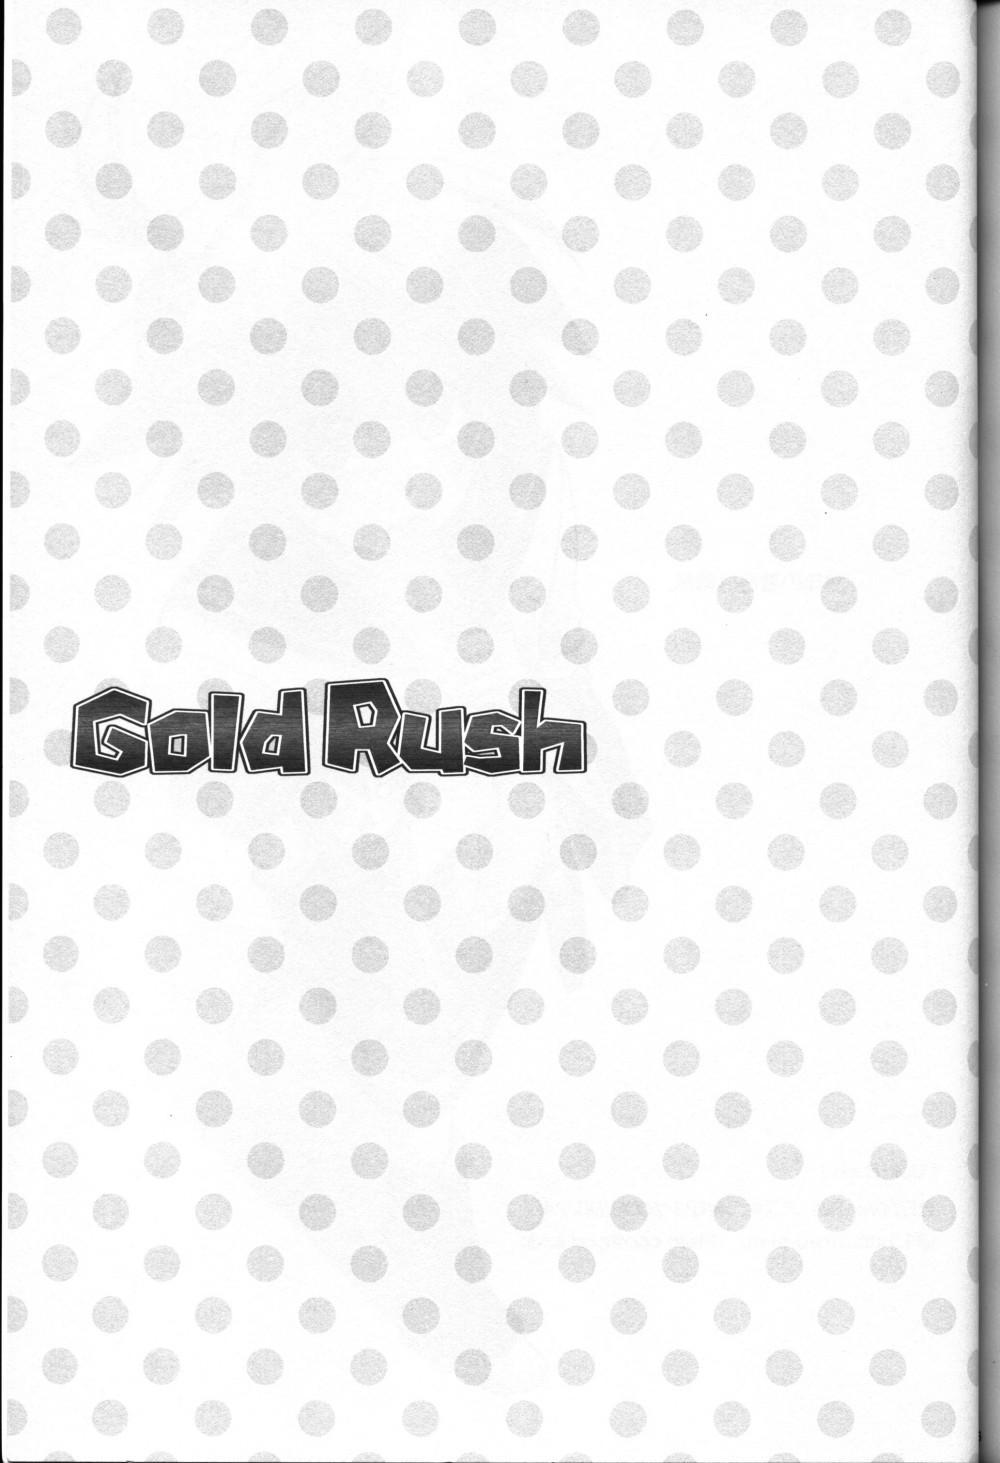 Gold Rush 15